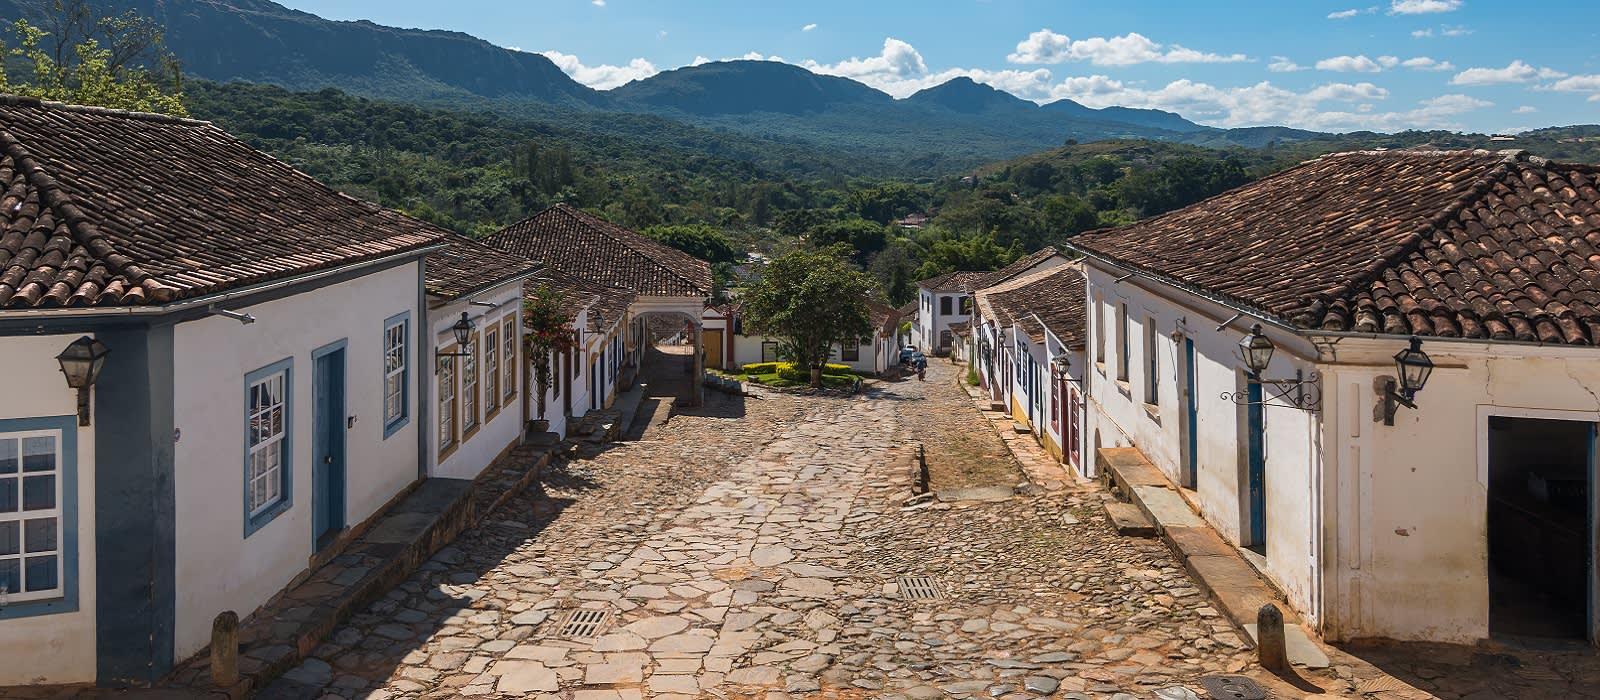 Brasilien – koloniales Flair und unberührte Inseln Urlaub 1